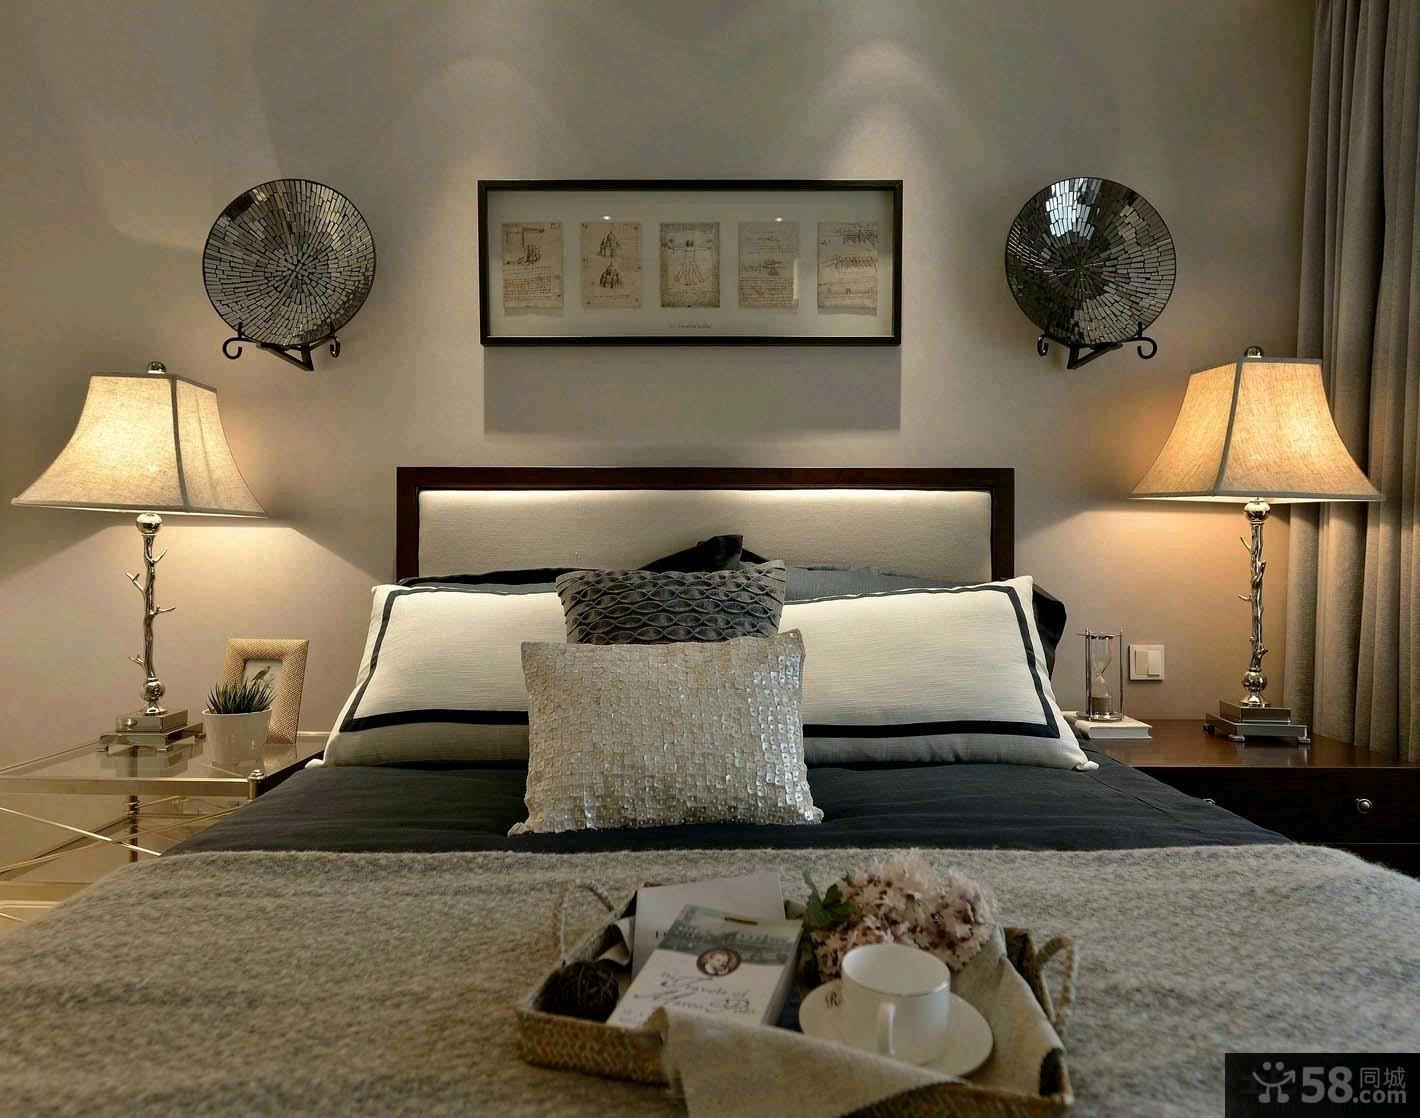 美式简约两室一厅家居室内装修效果图大全